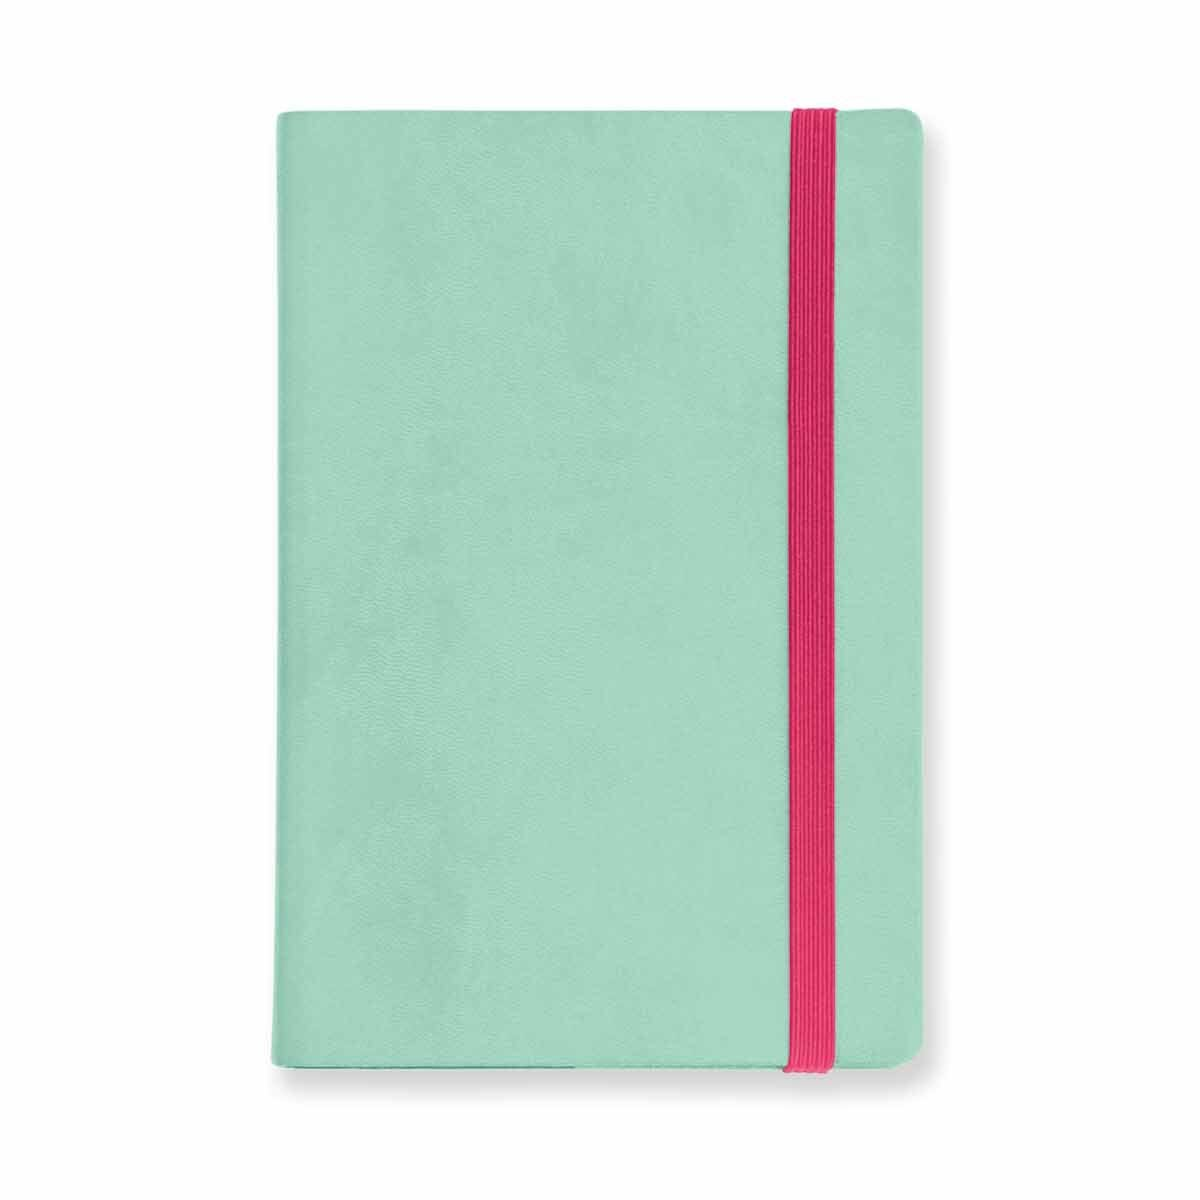 Legami My Notebook Medium Lined Aqua